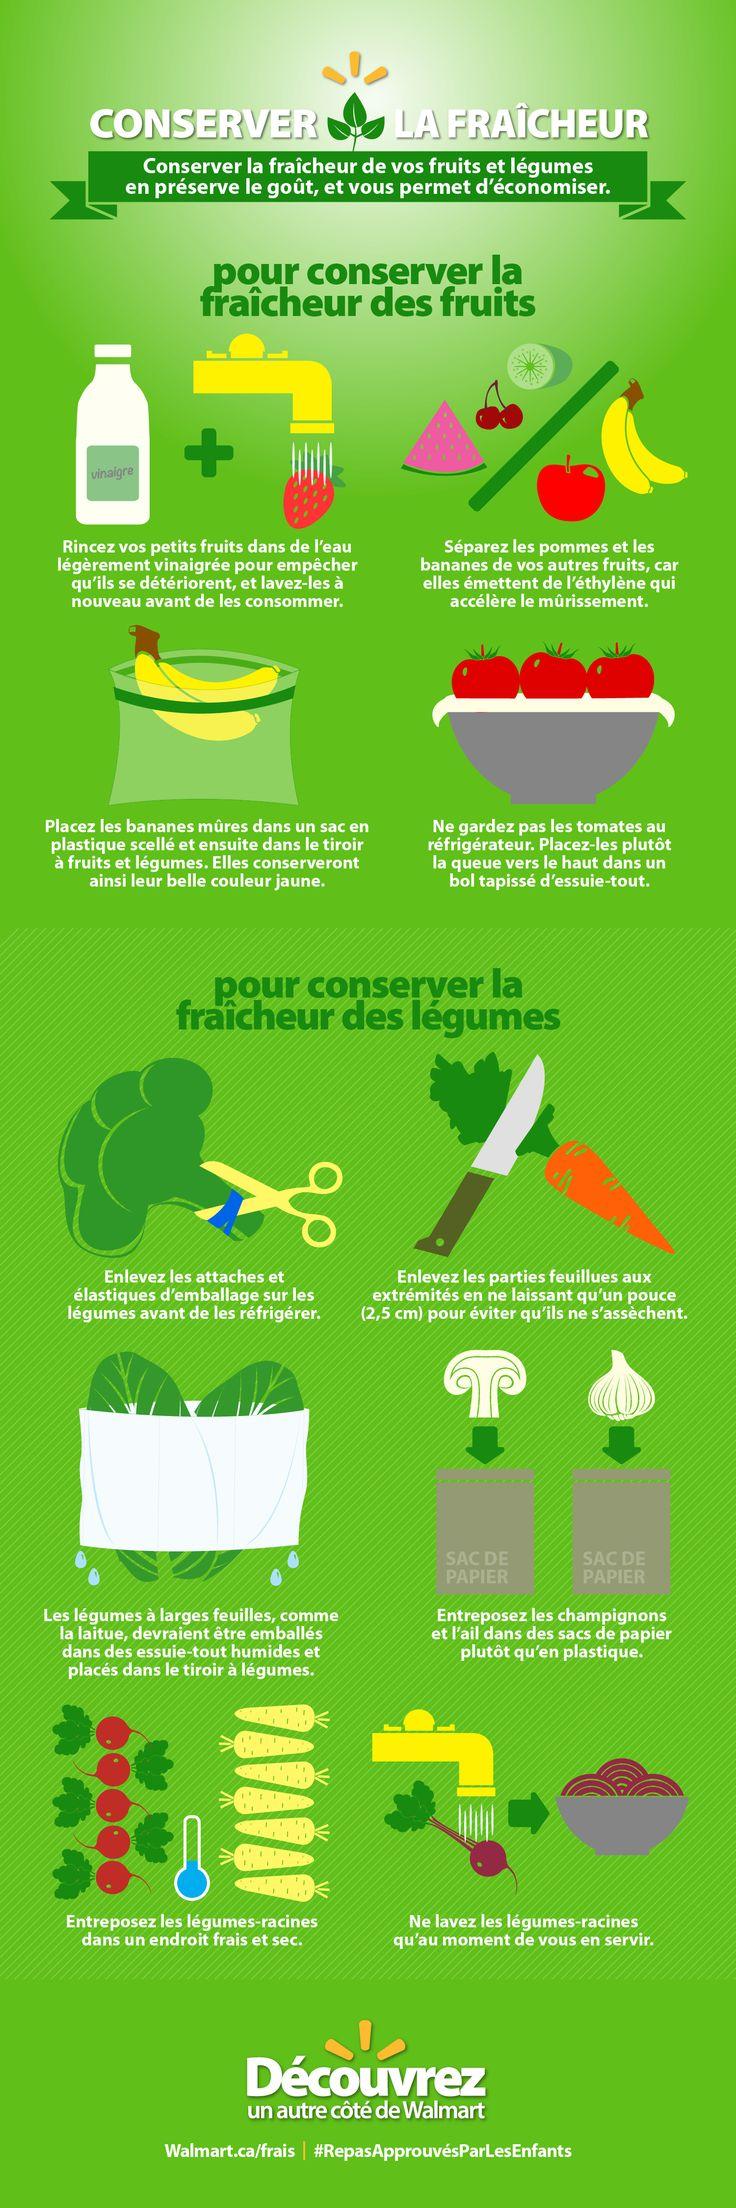 Apprenez à ranger correctement vos fruits et légumes. Vous économiserez et vos repas auront meilleur goût. #RepasApprouvésParLesEnfants